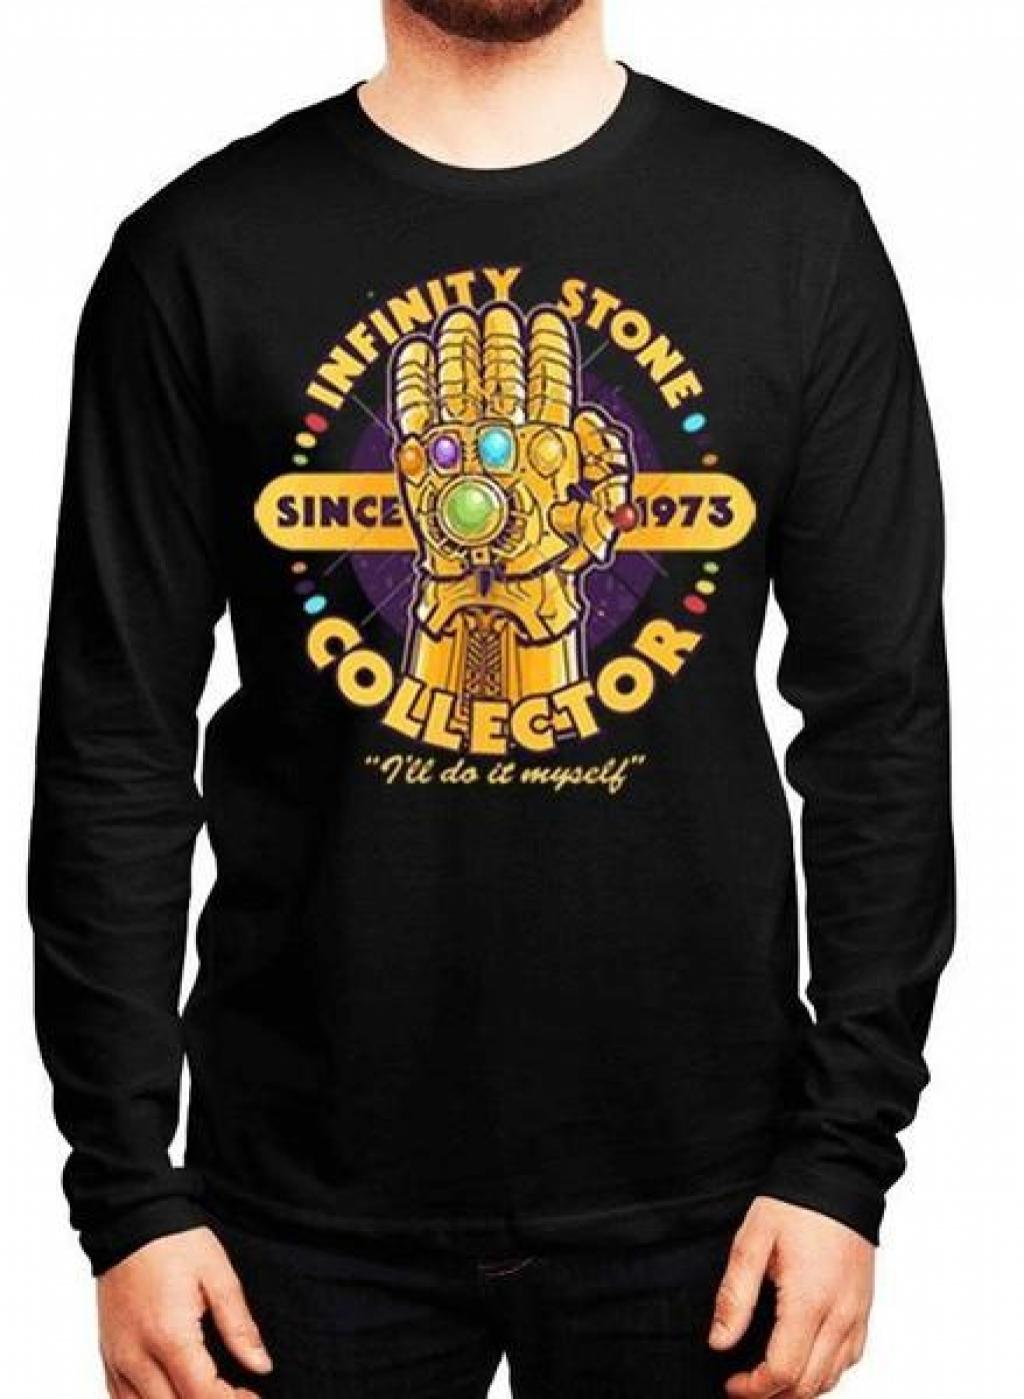 16025882480_t-shirt-design-for-men-branded-t-shirt-for-men-online-shopping-in-pakistan.jpg